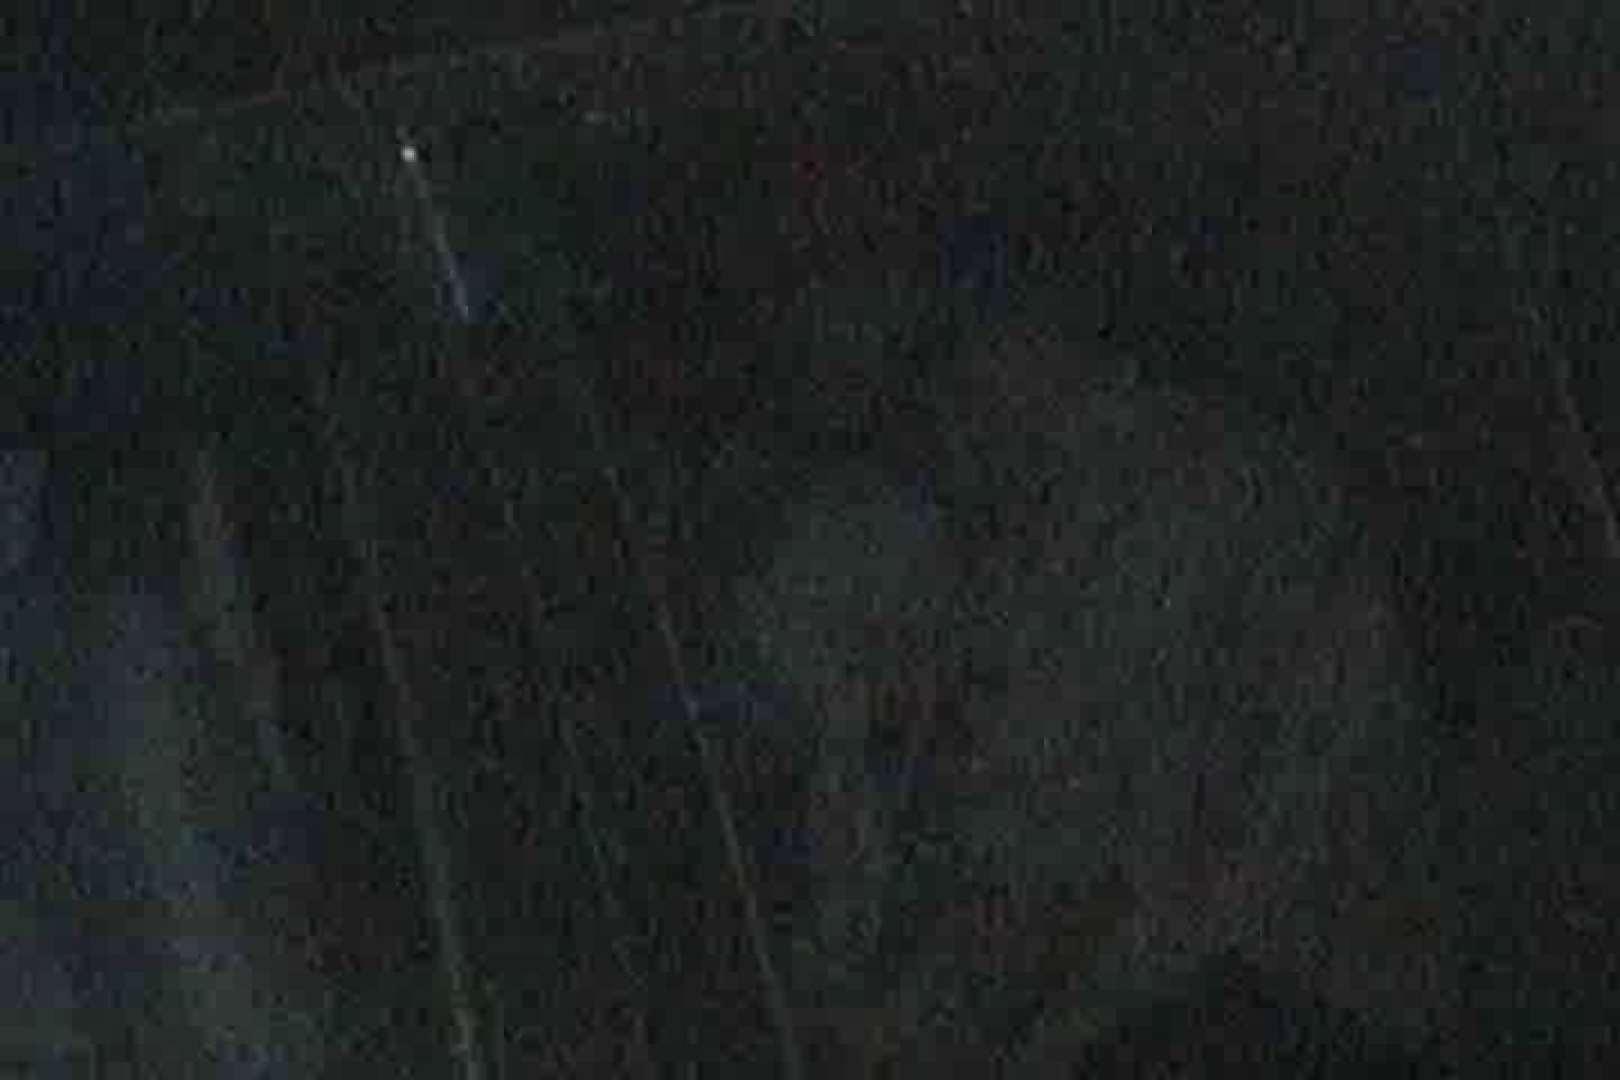 充血監督の深夜の運動会Vol.8 乳首 覗きおまんこ画像 75pic 29